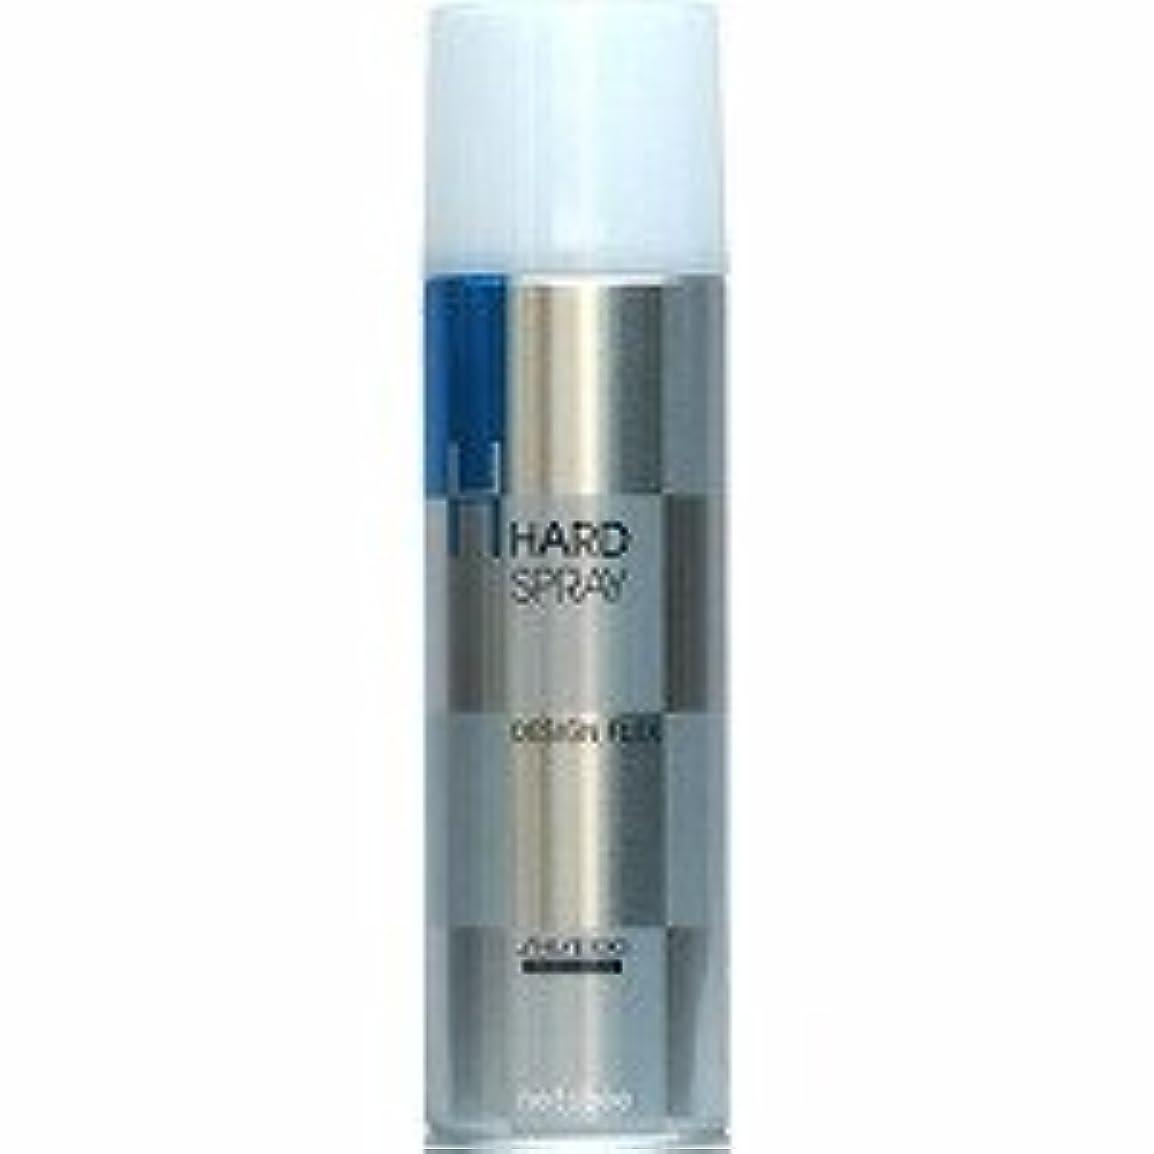 成果贅沢なポルトガル語【X3個セット】 資生堂プロフェッショナル デザインフレックス ハードスプレー 260g shiseido PROFESSIONAL